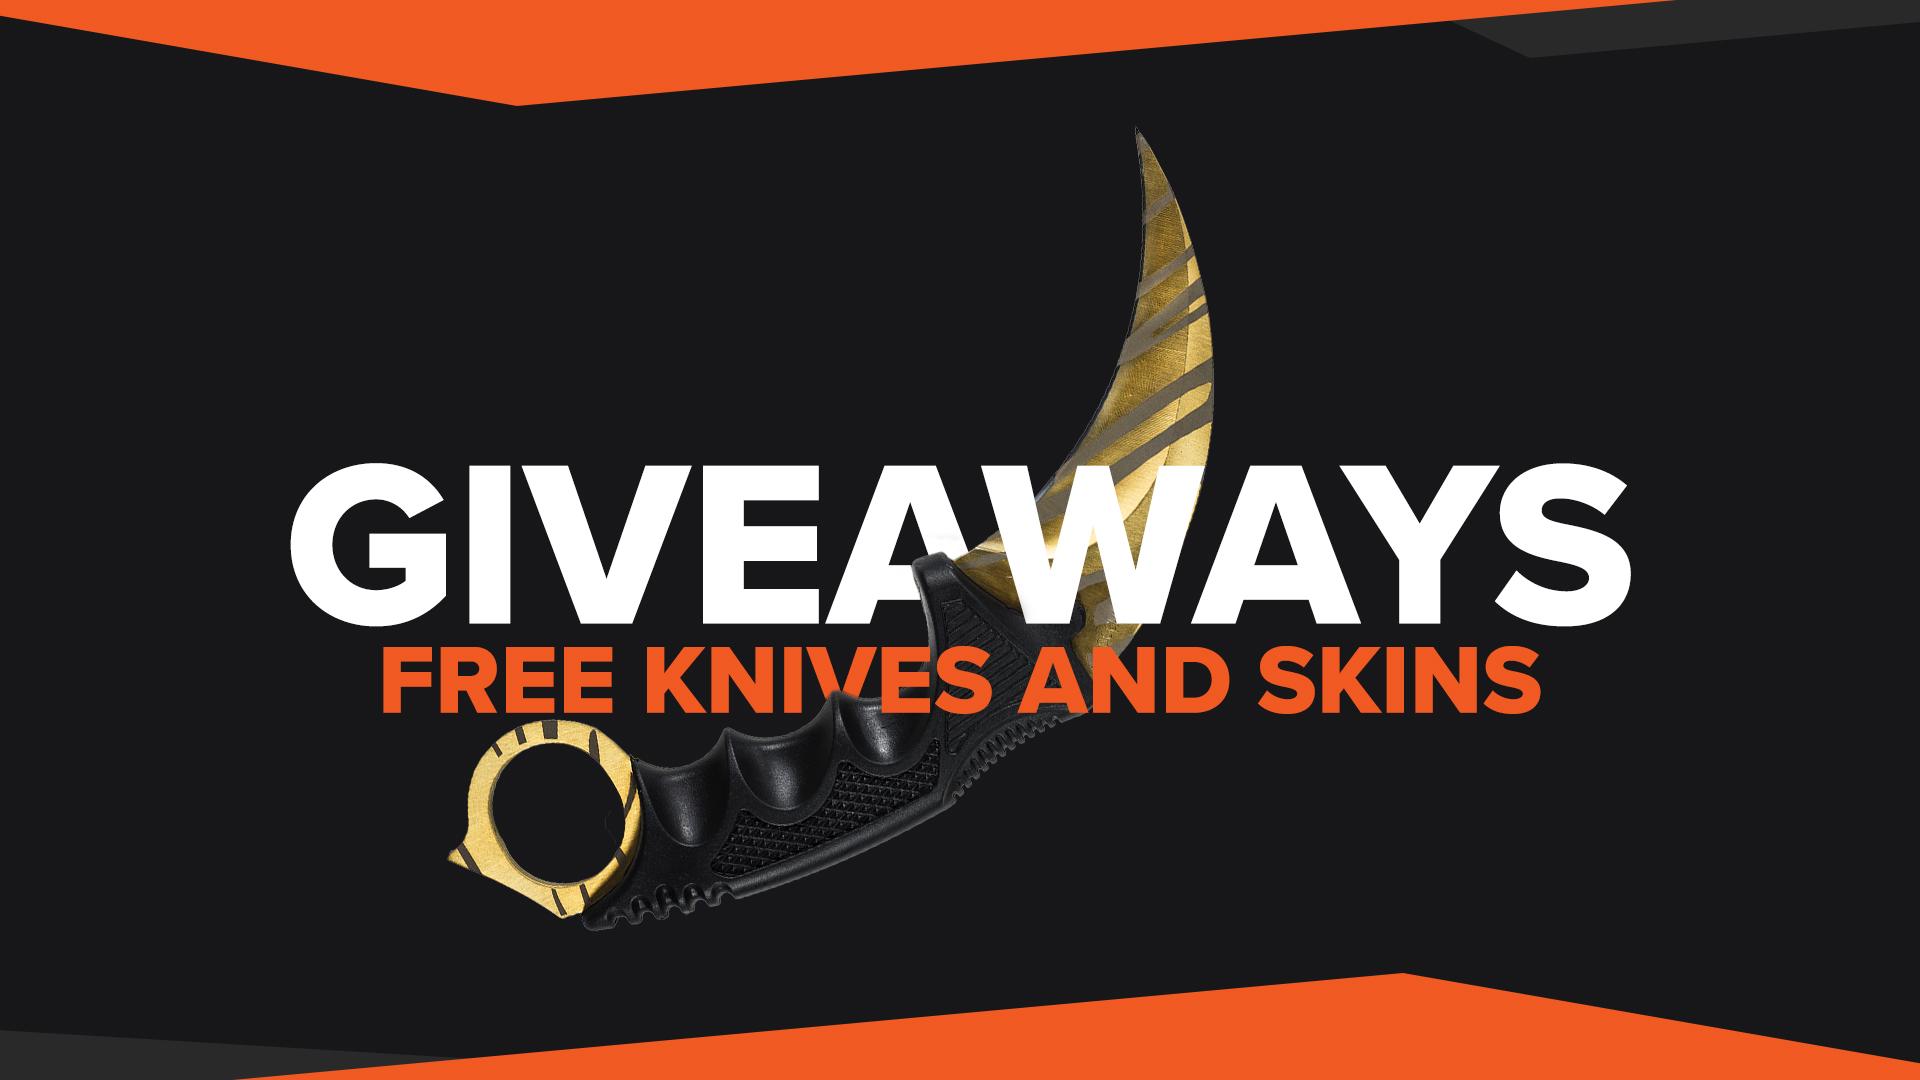 CSGO Giveaways Free CSGO Skins